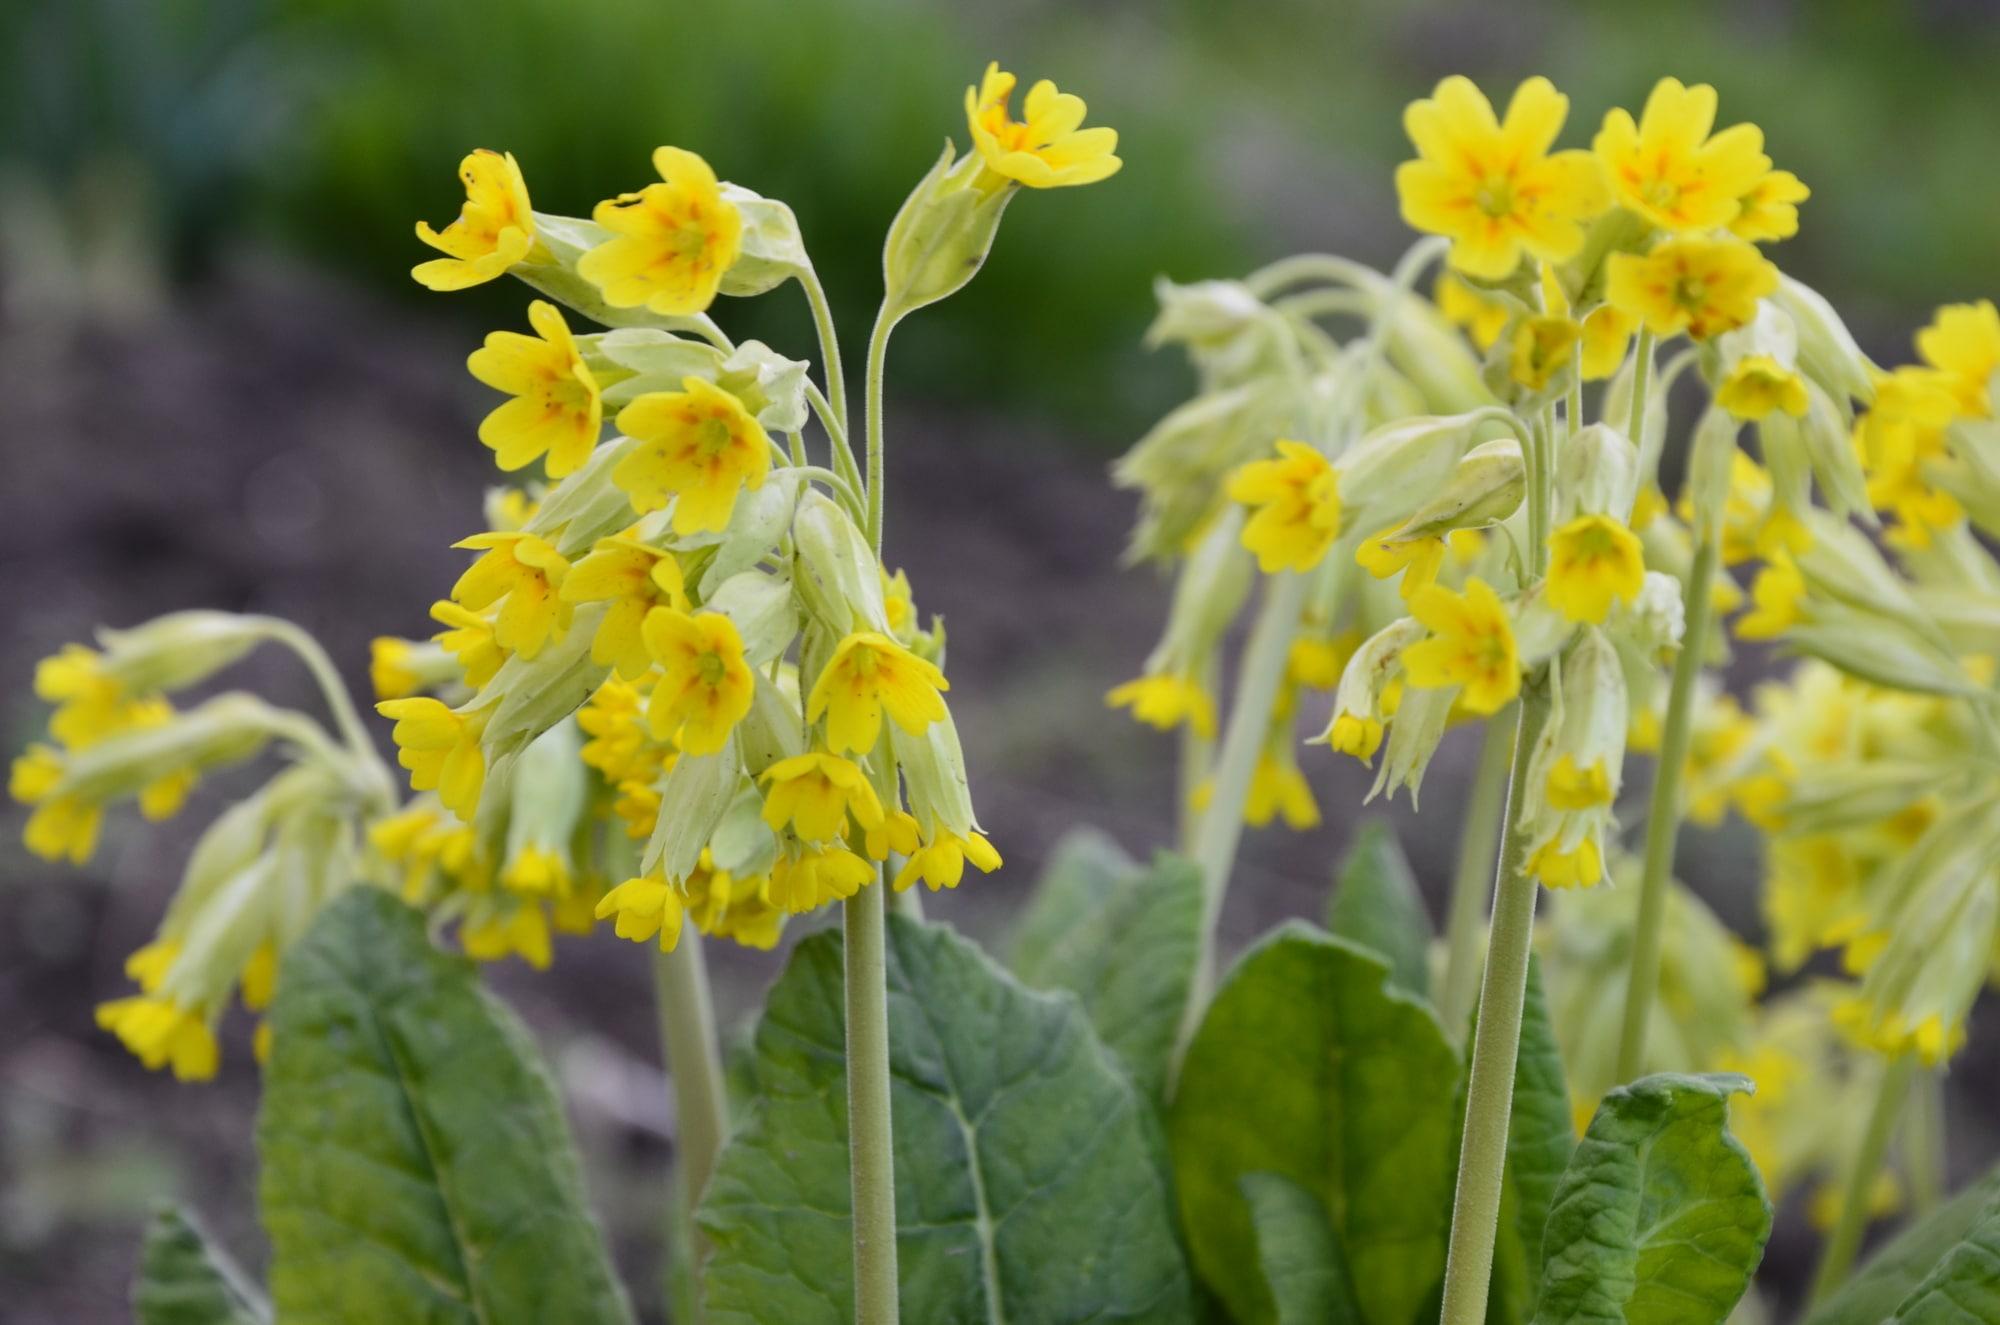 Spring wildflowers - Primula veris